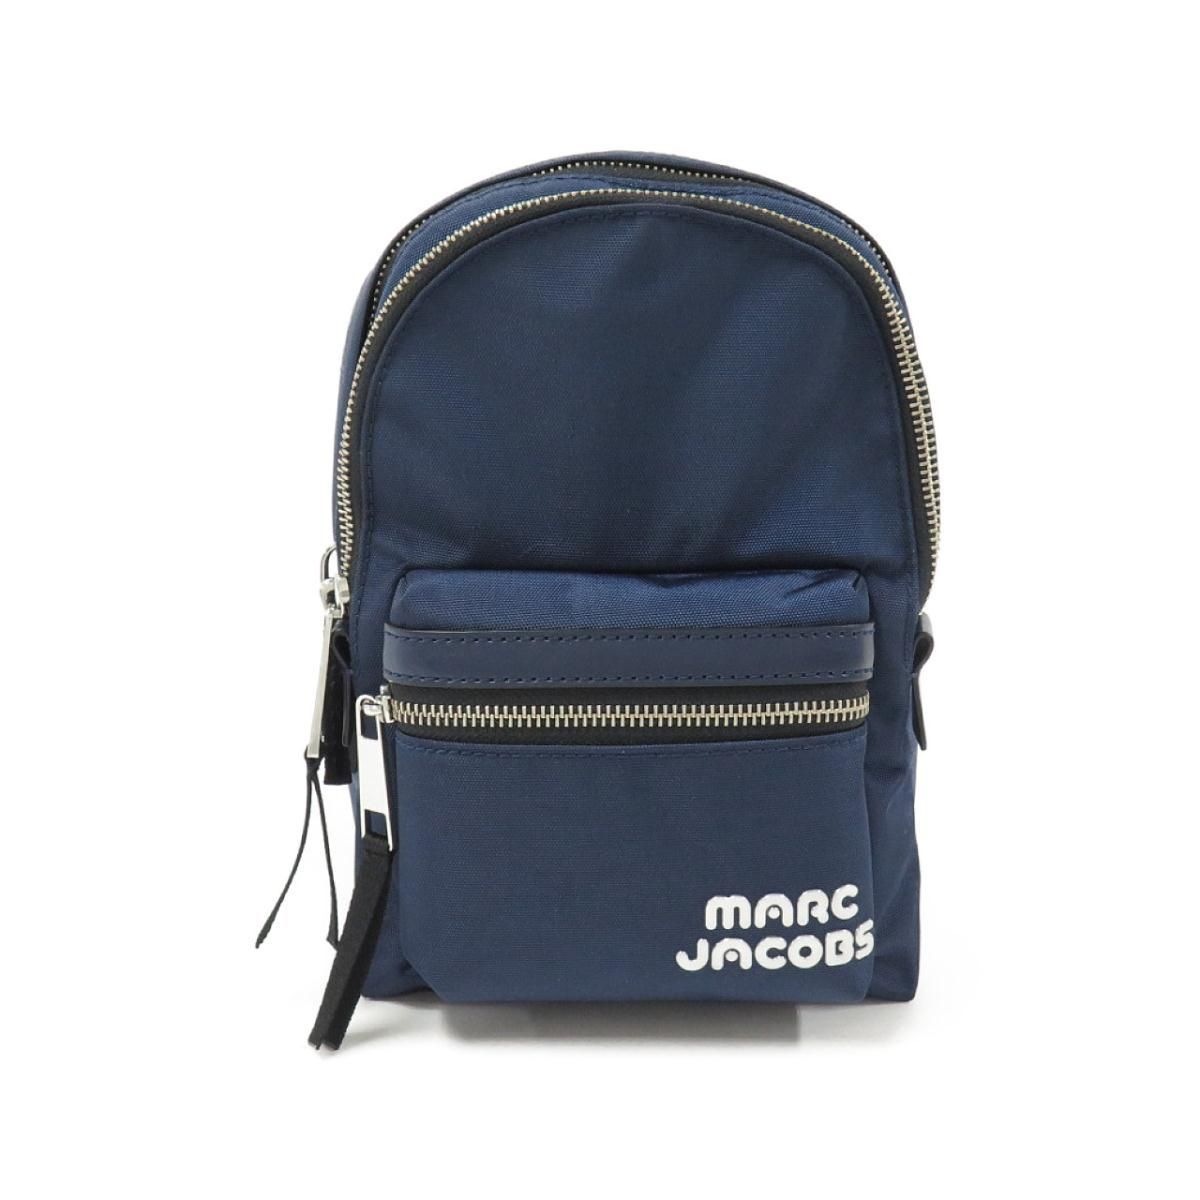 【新品】マークジェイコブス バッグ M0014032【新品】